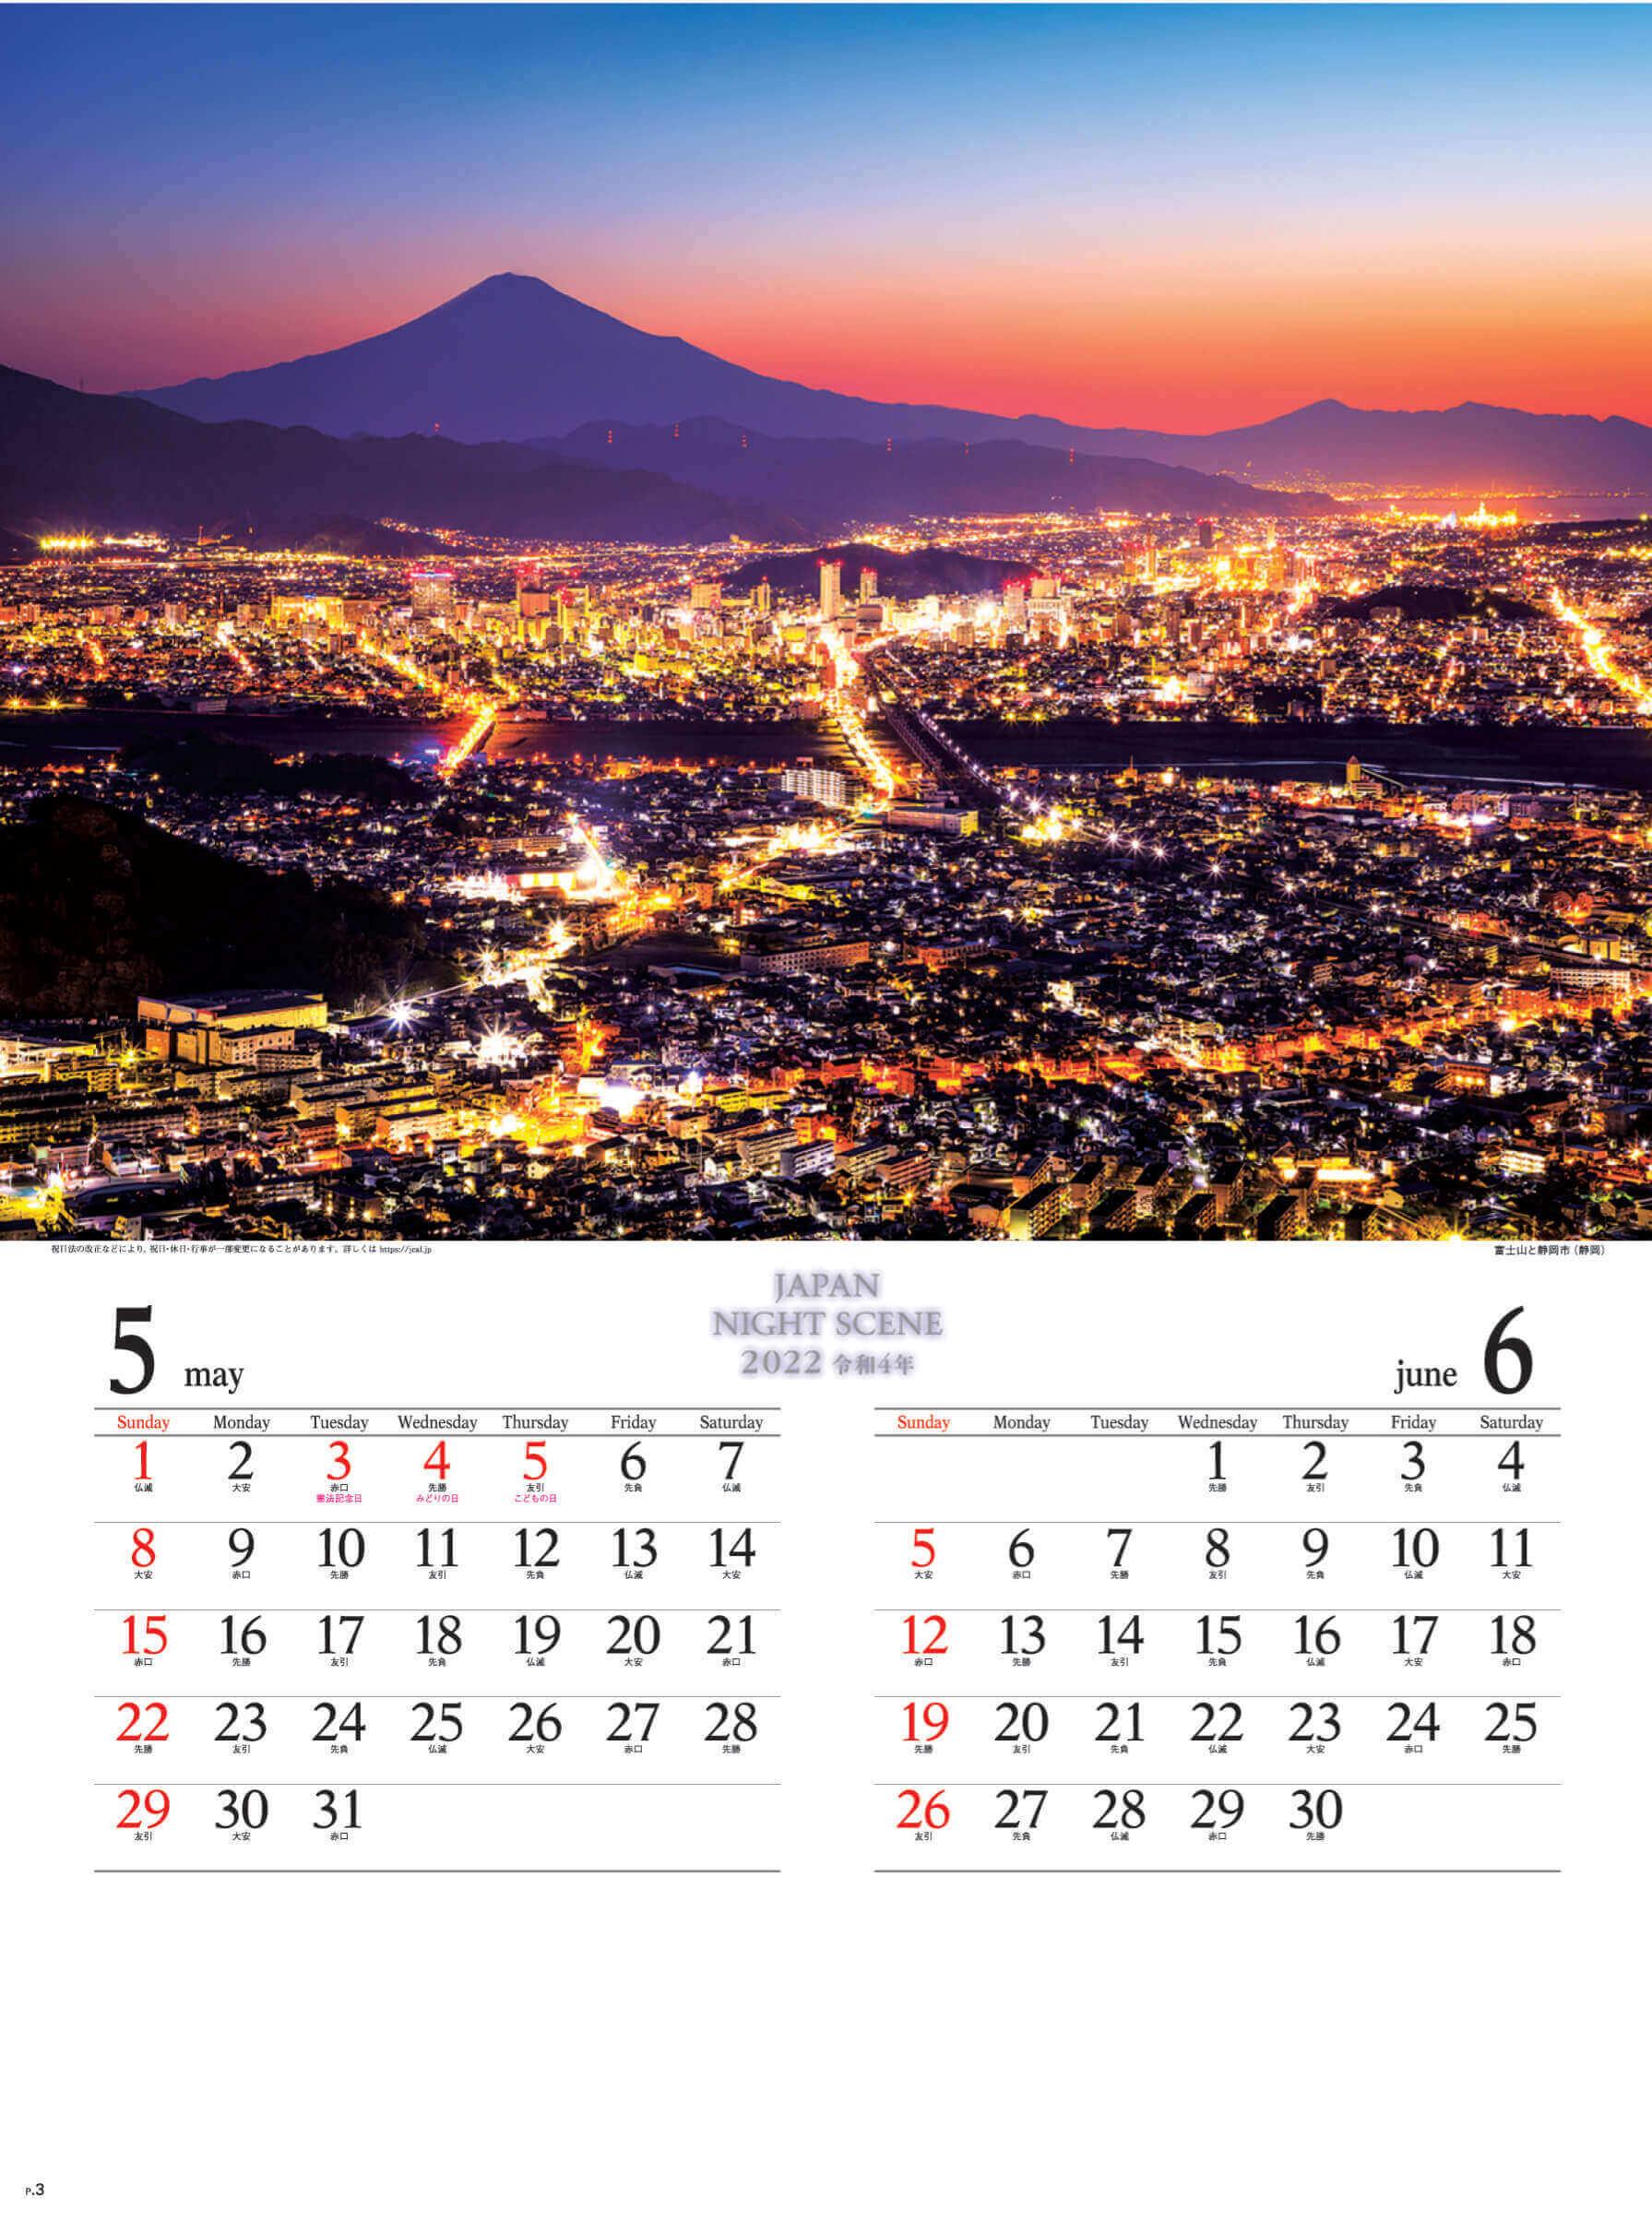 5-6月 富士山と静岡市(静岡) ジャパンナイトシーン 2022年カレンダーの画像